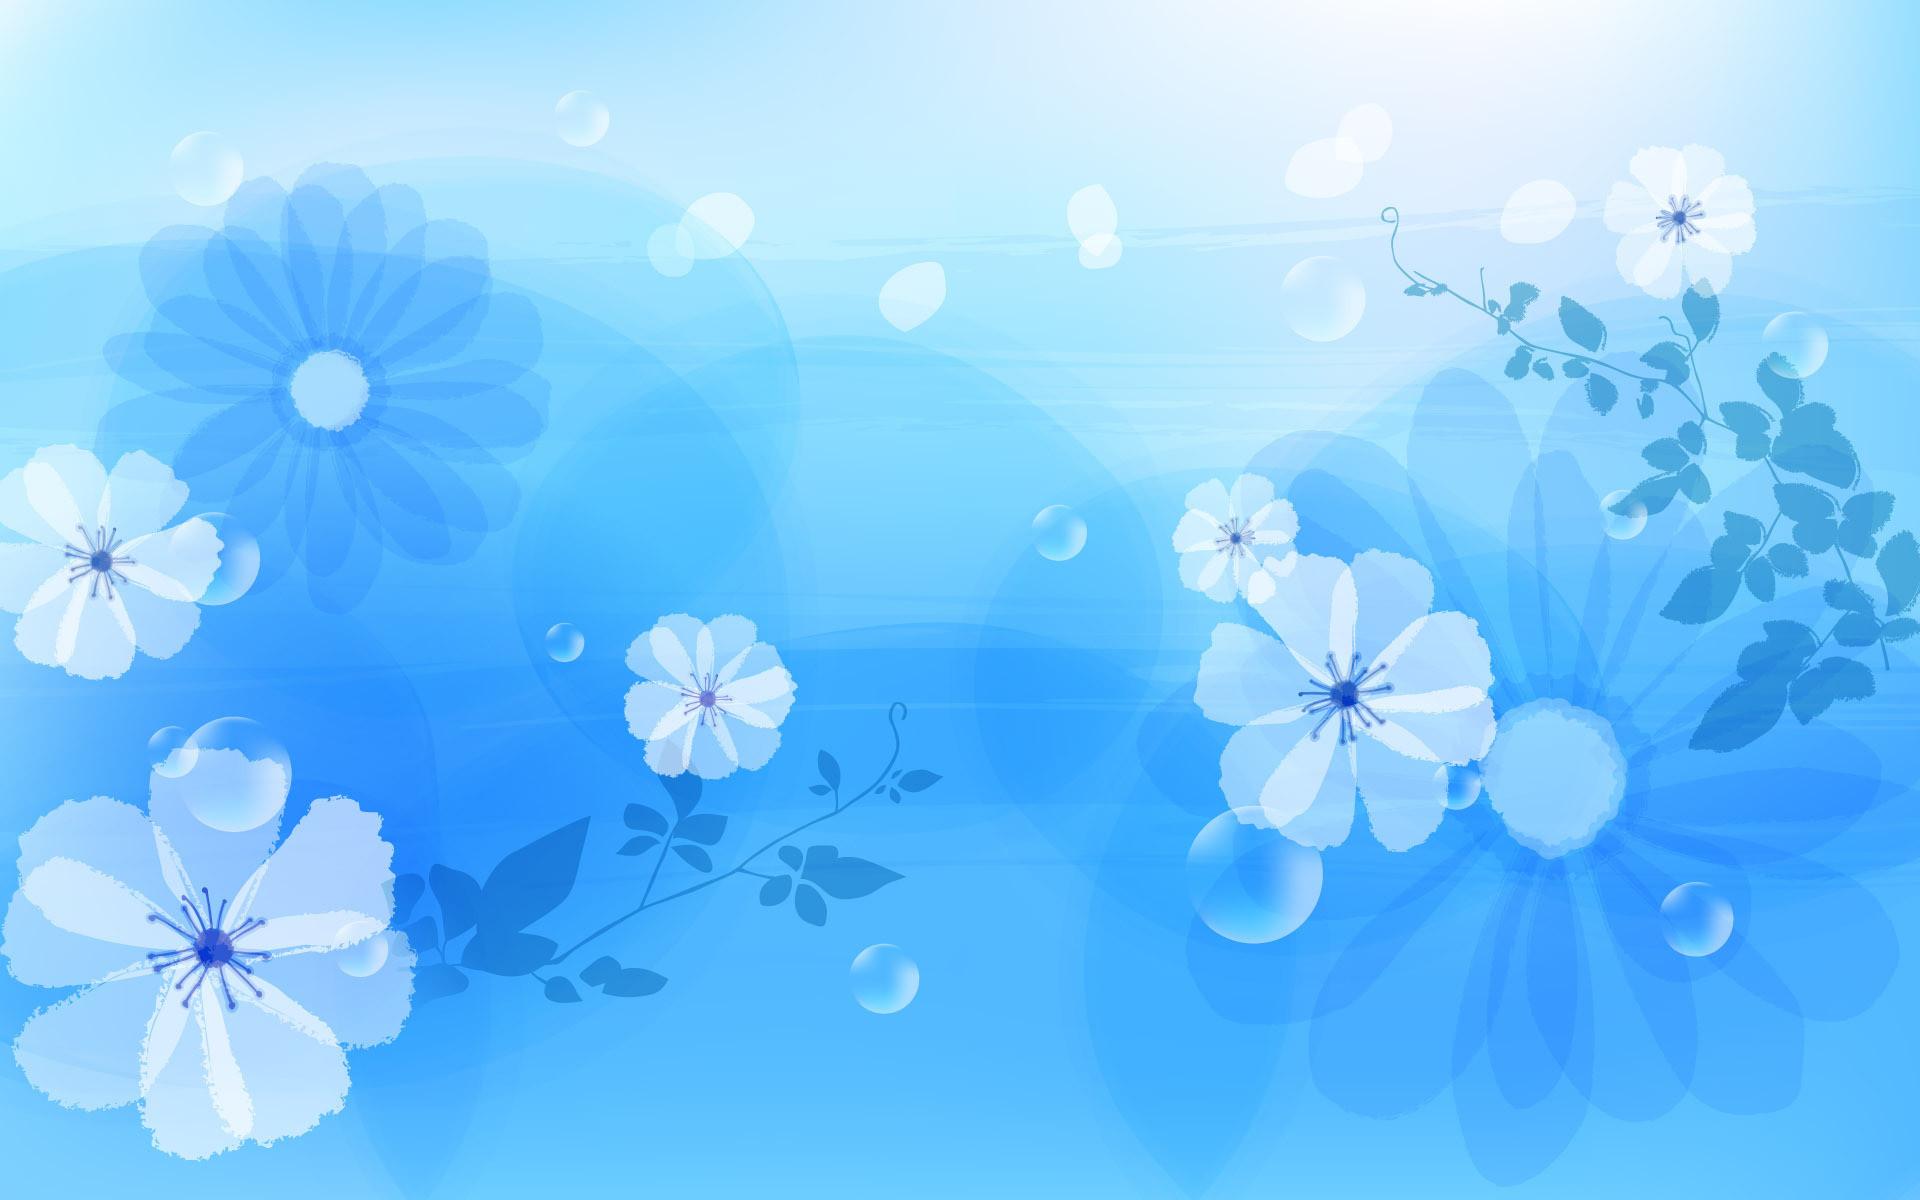 Light Blue Wallpaper For Desktop